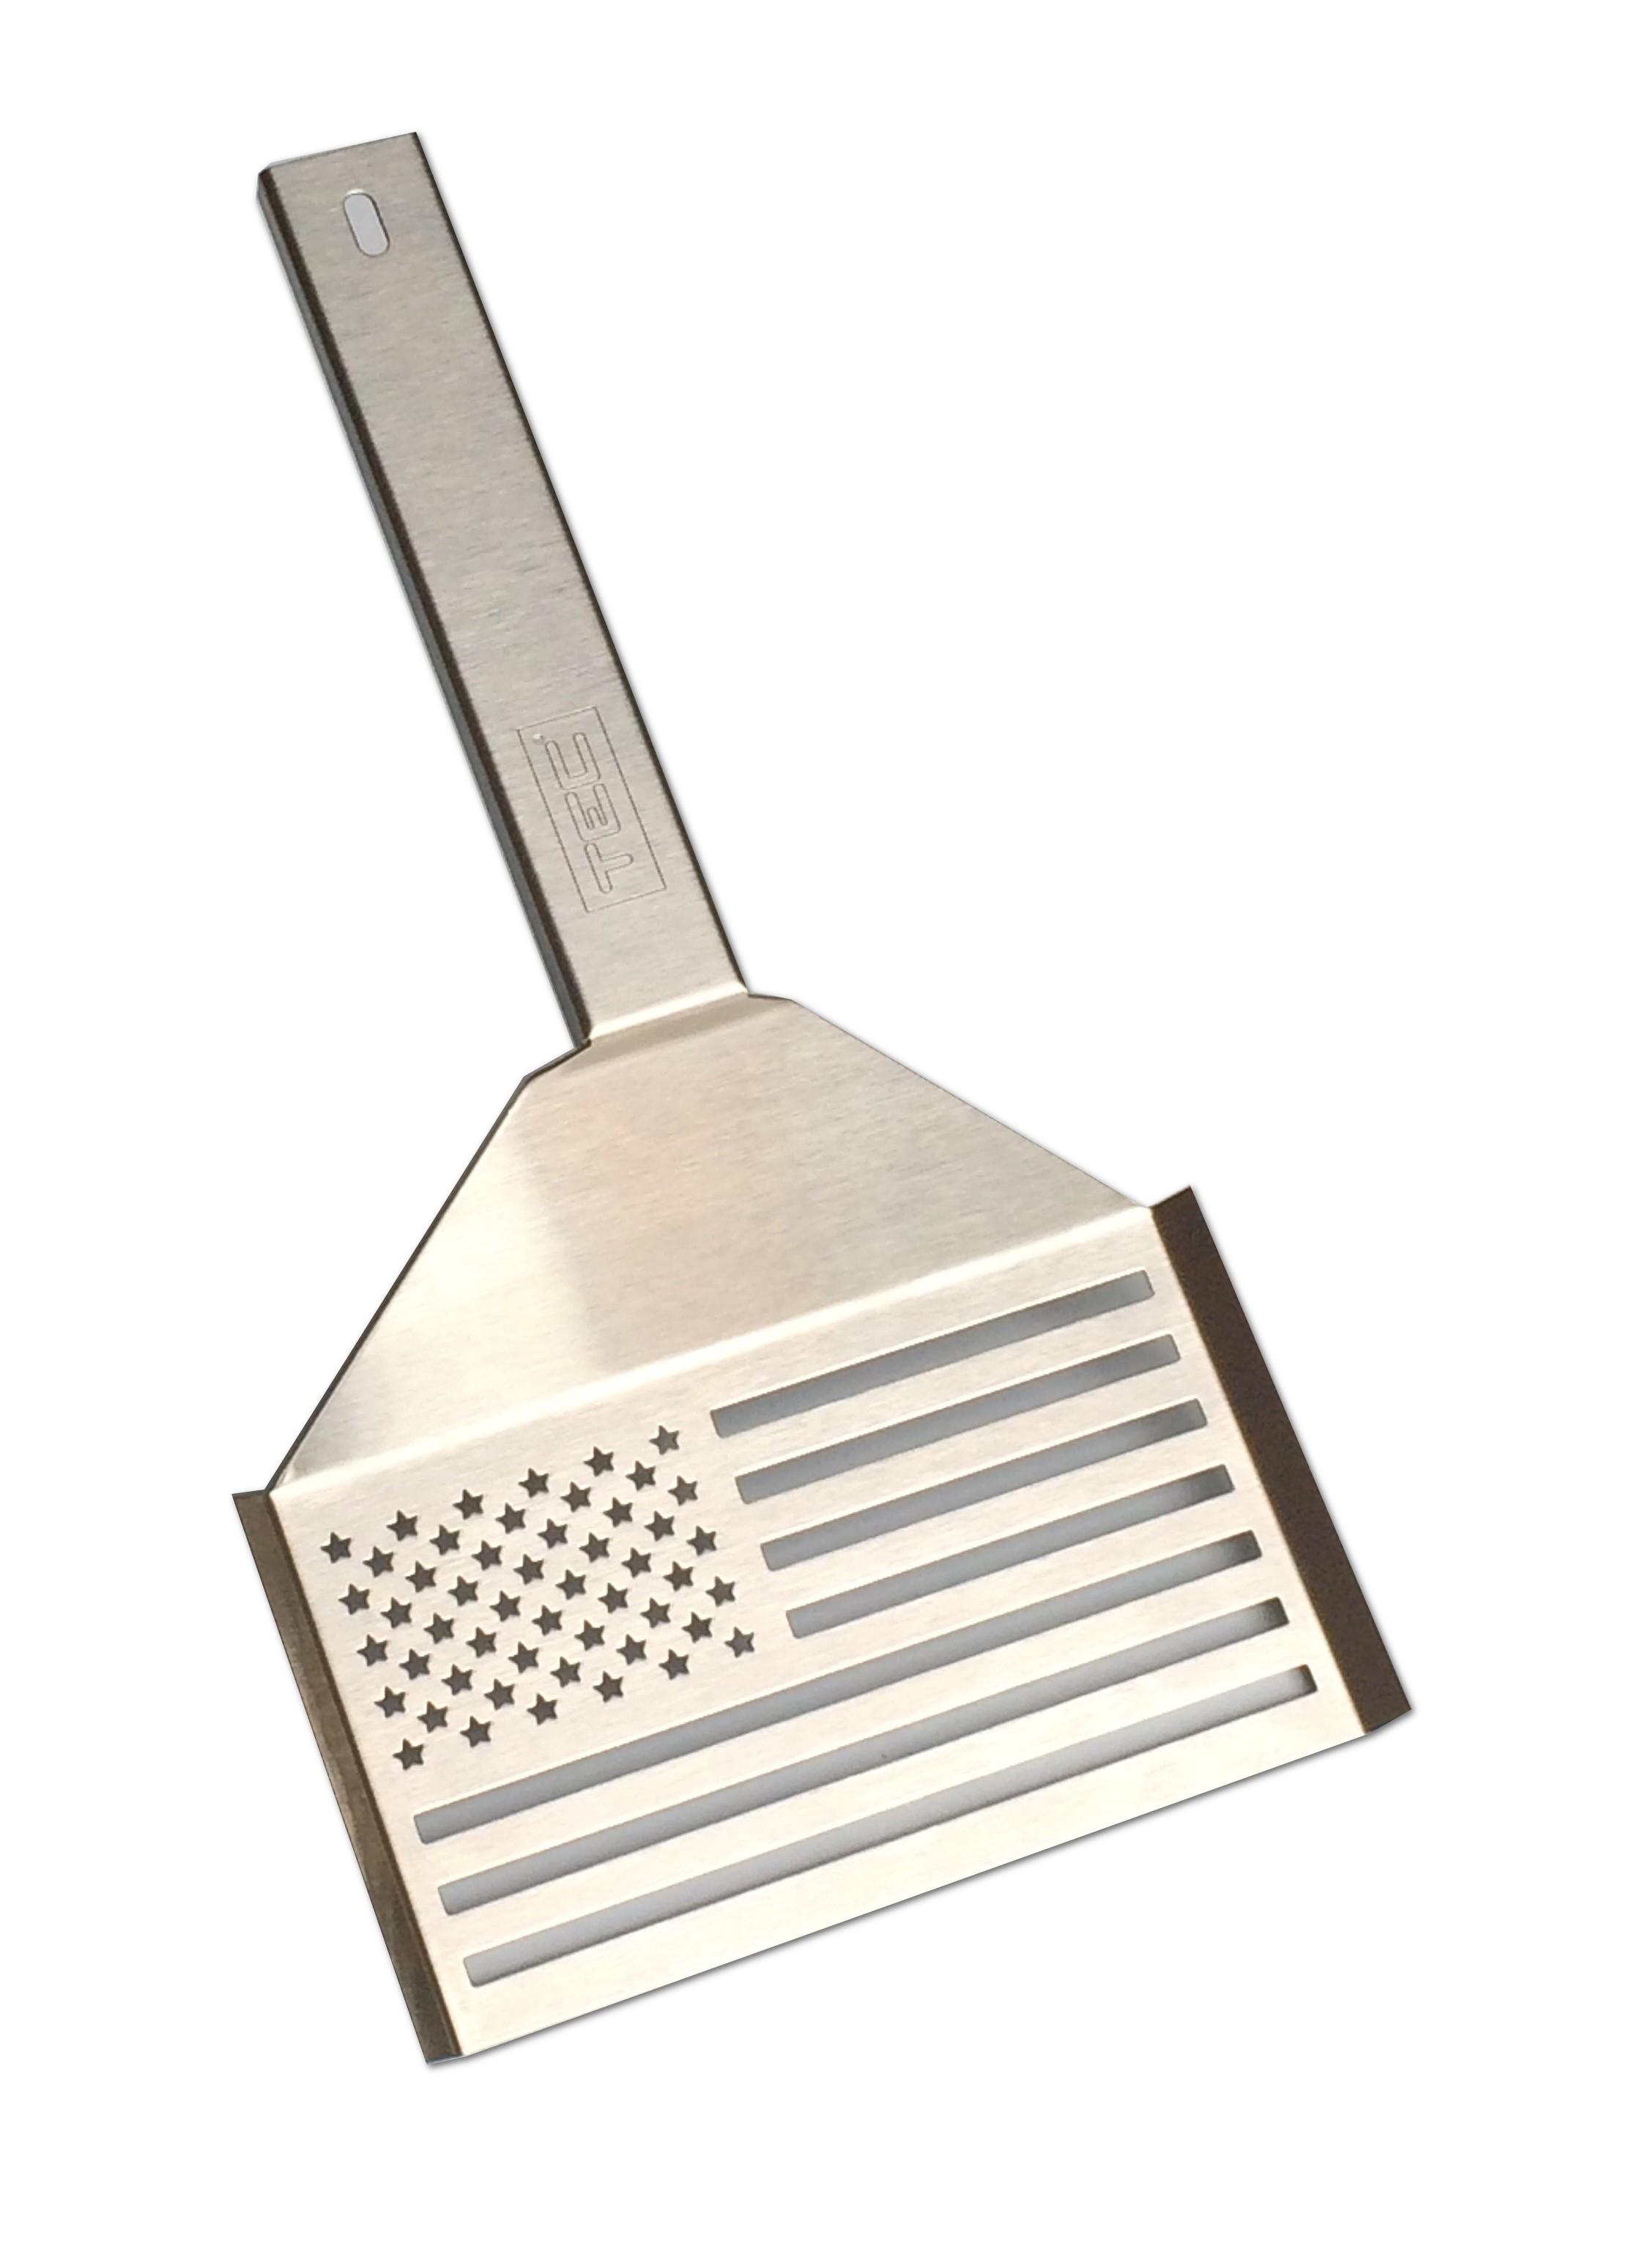 TEC Alll-american Grill Spatula